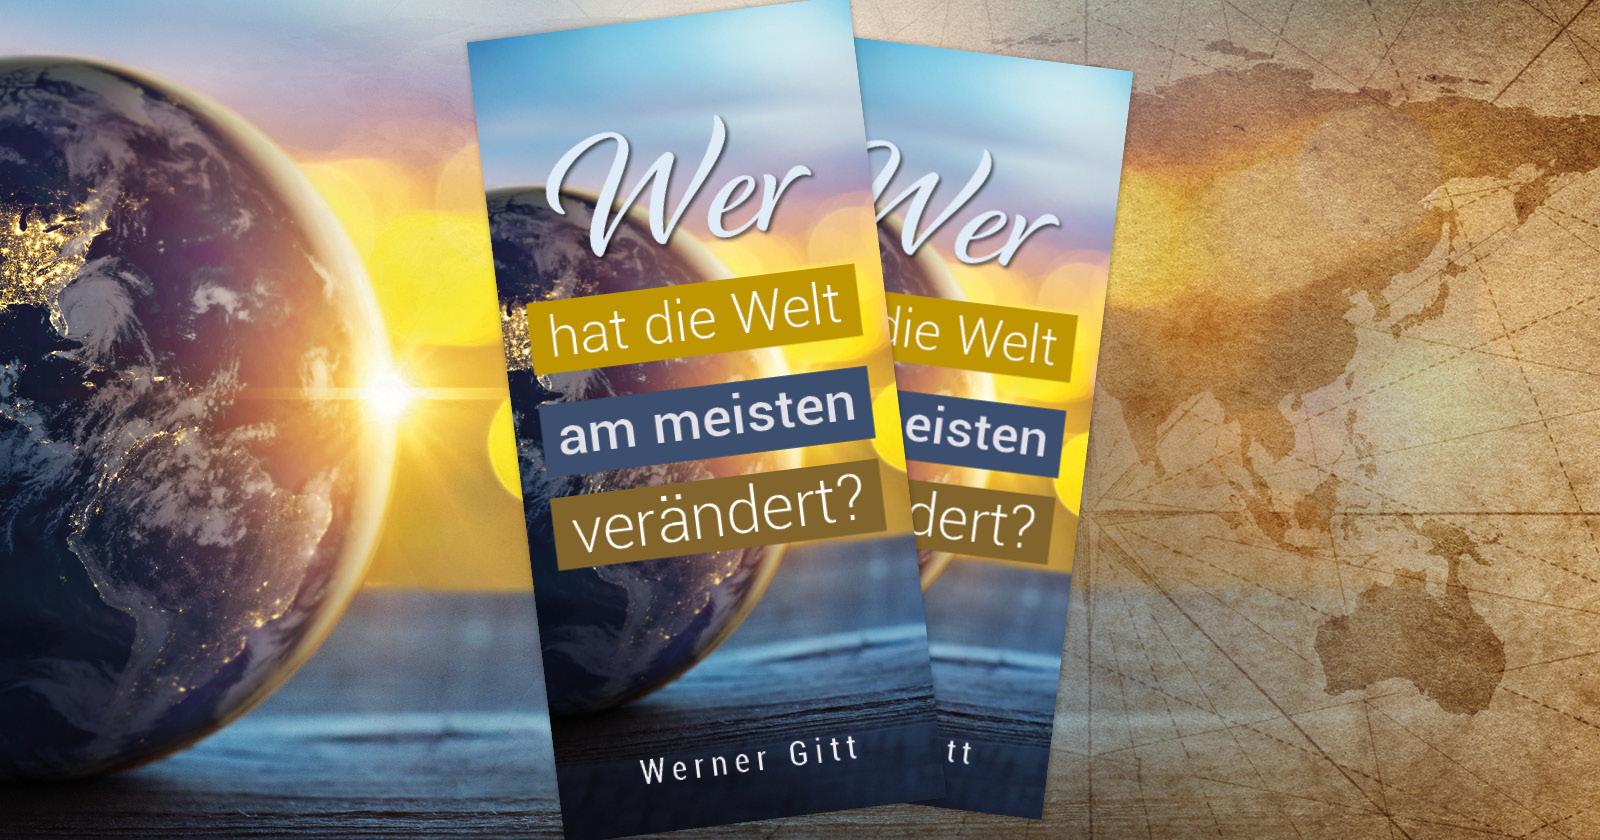 Wer hat die Welt am meisten verändert? Verteilschrift von Werner Gitt